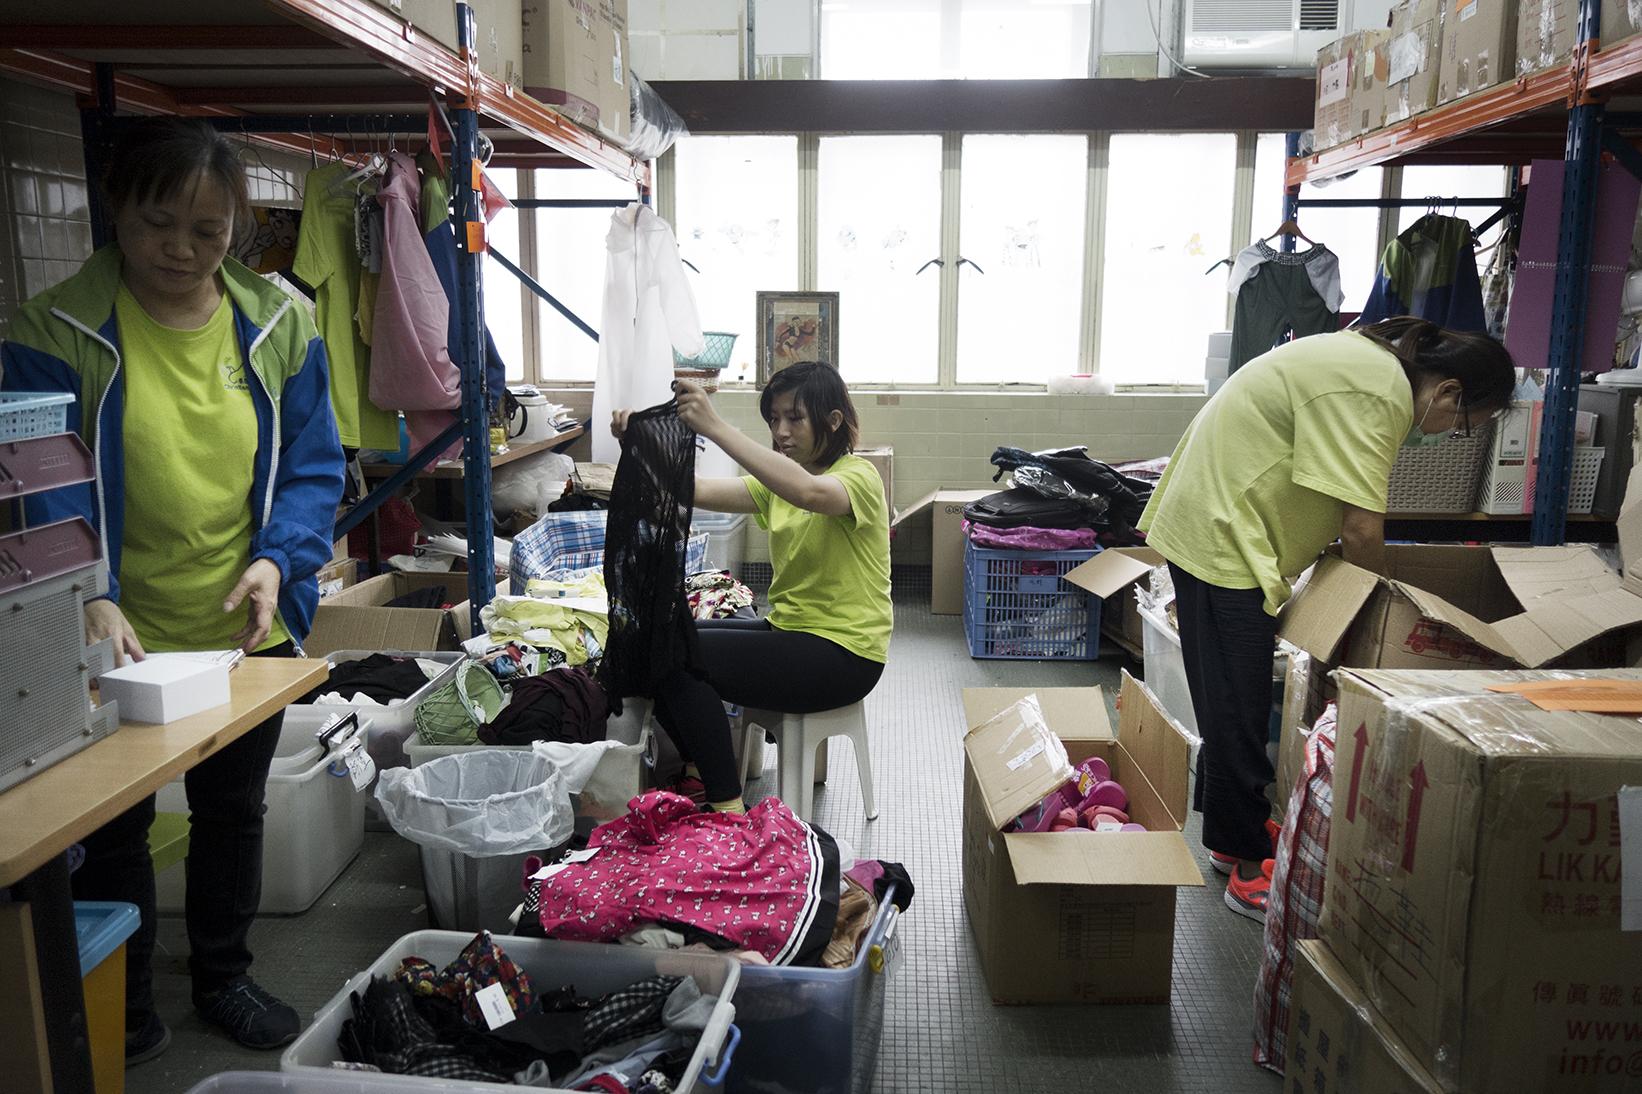 HK_refugees020